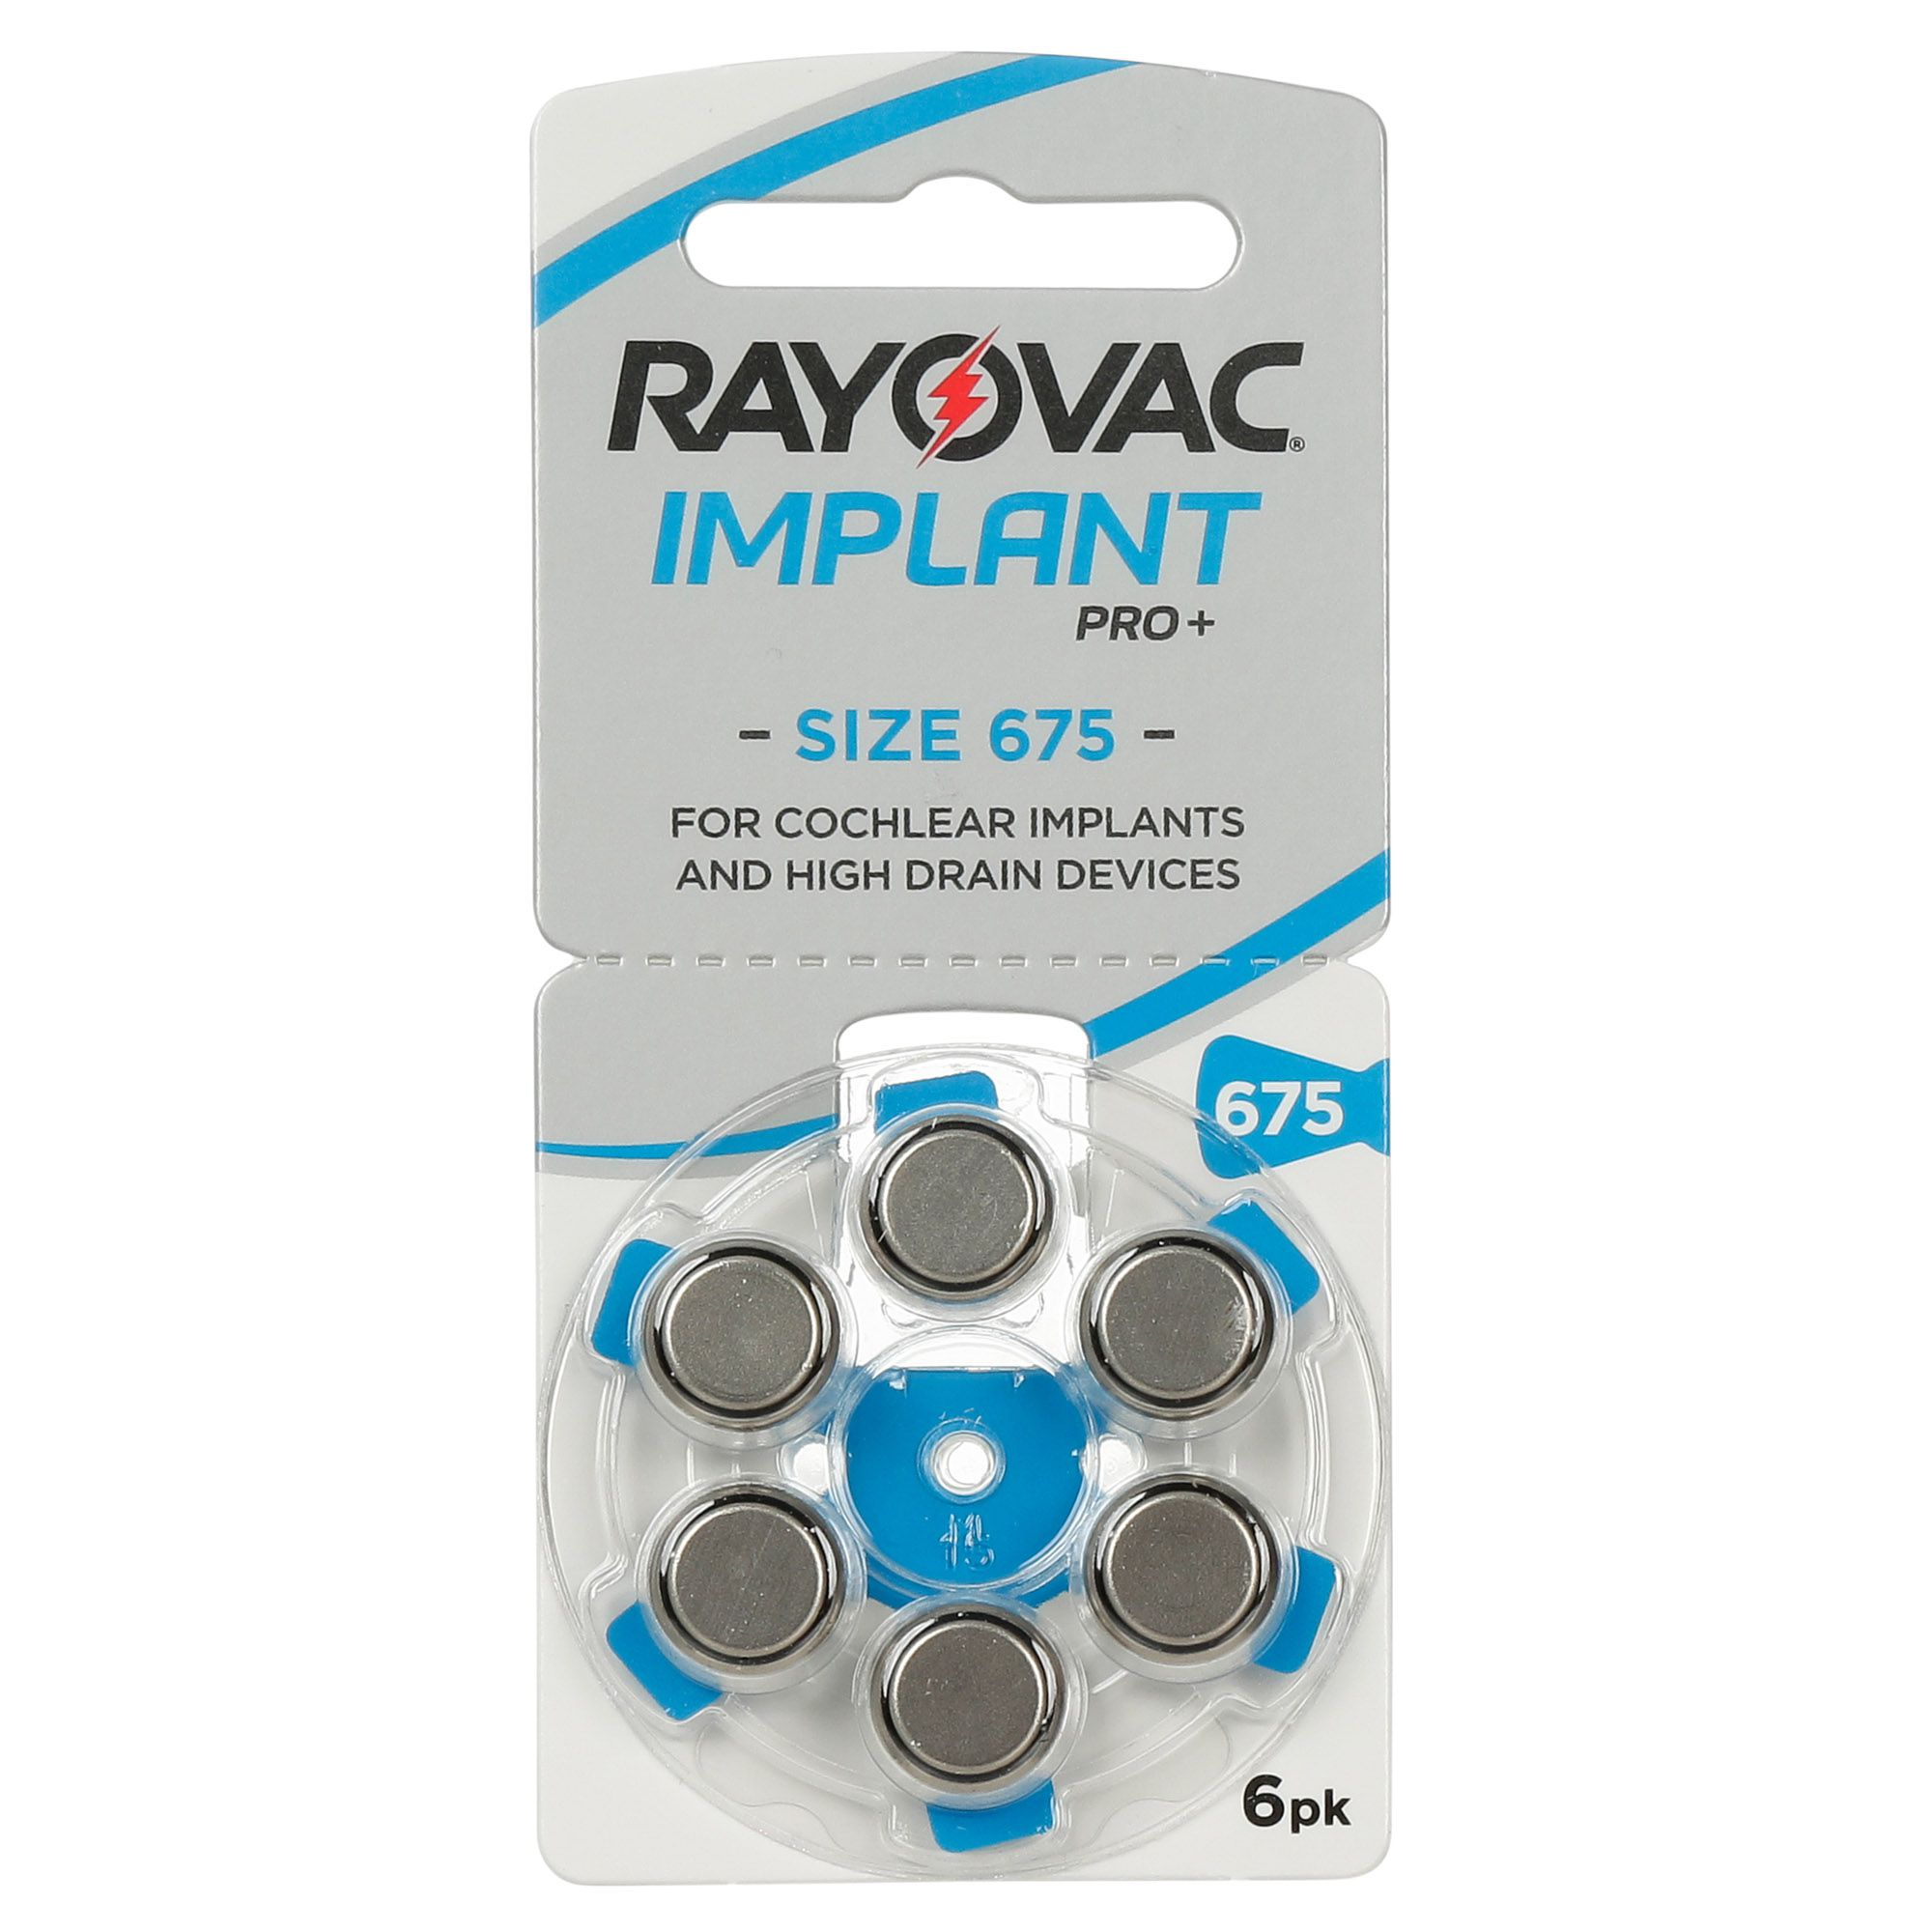 RAYOVAC 675 IMPLANT PRO - 10 cartelas - 60 Baterias Aparelho Auditivo  - SONORA